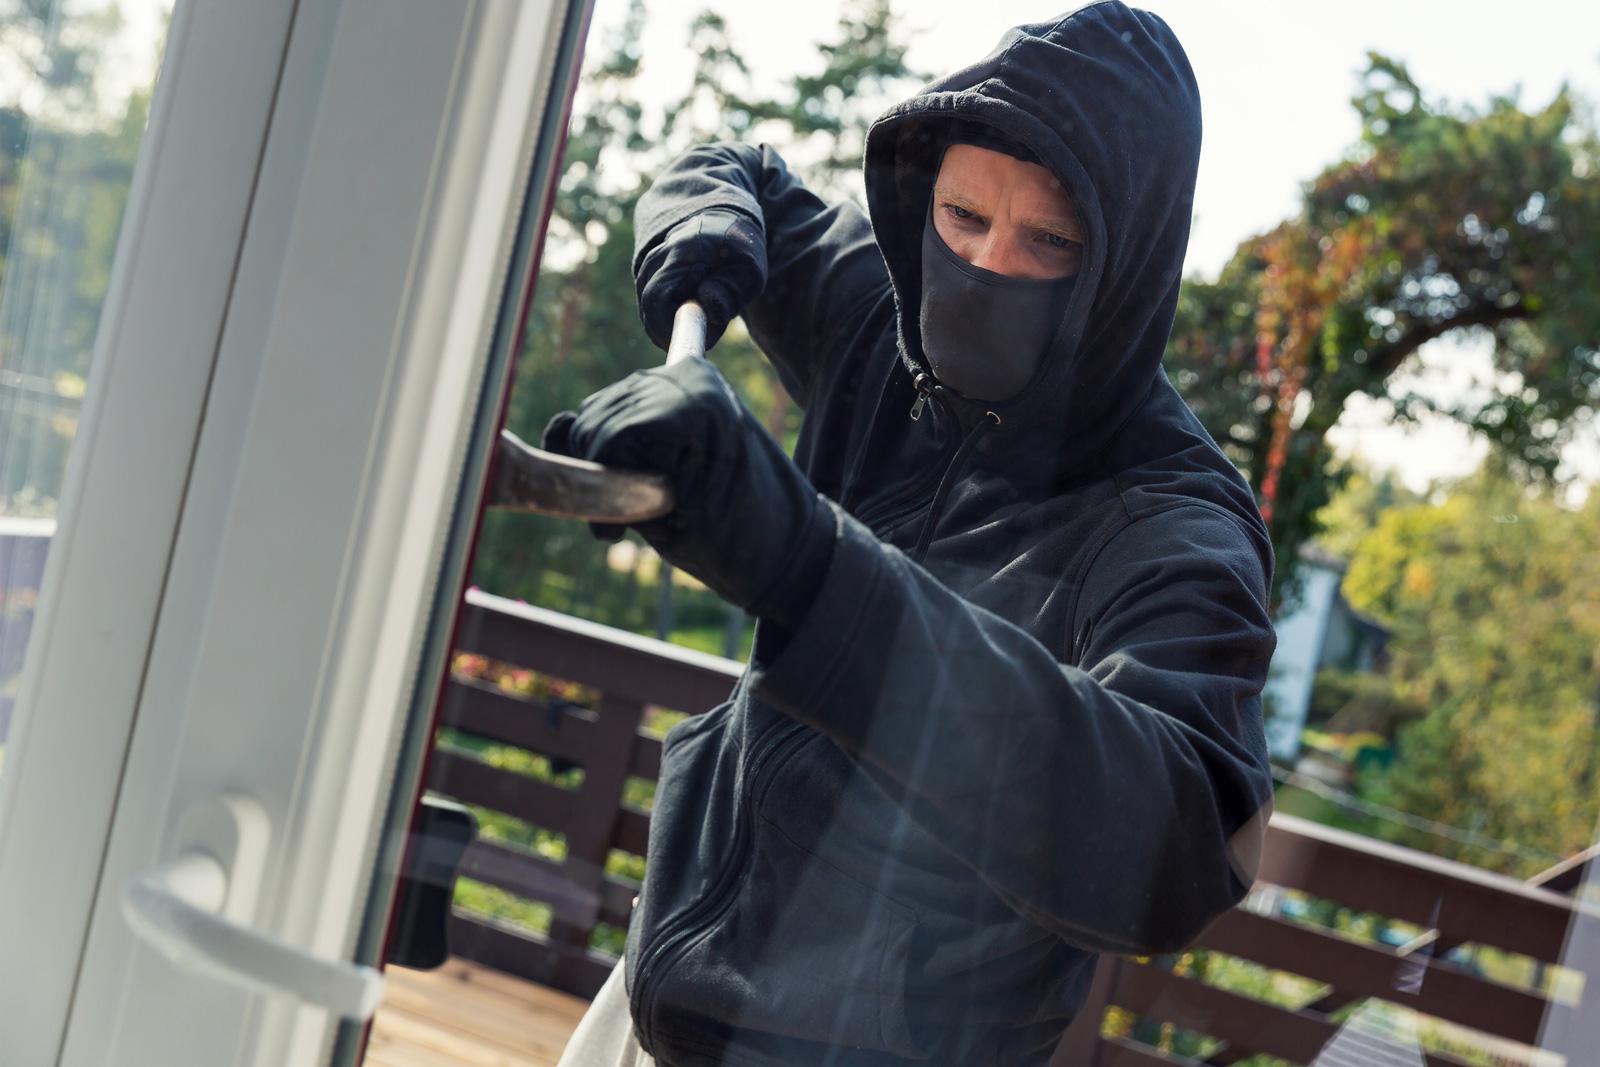 Einbruchsgefahr: Ebenerdig zu wohnen, bedeutet auch, dass alle Fenster leicht zu erreichen sind – auch für Einbrecher.